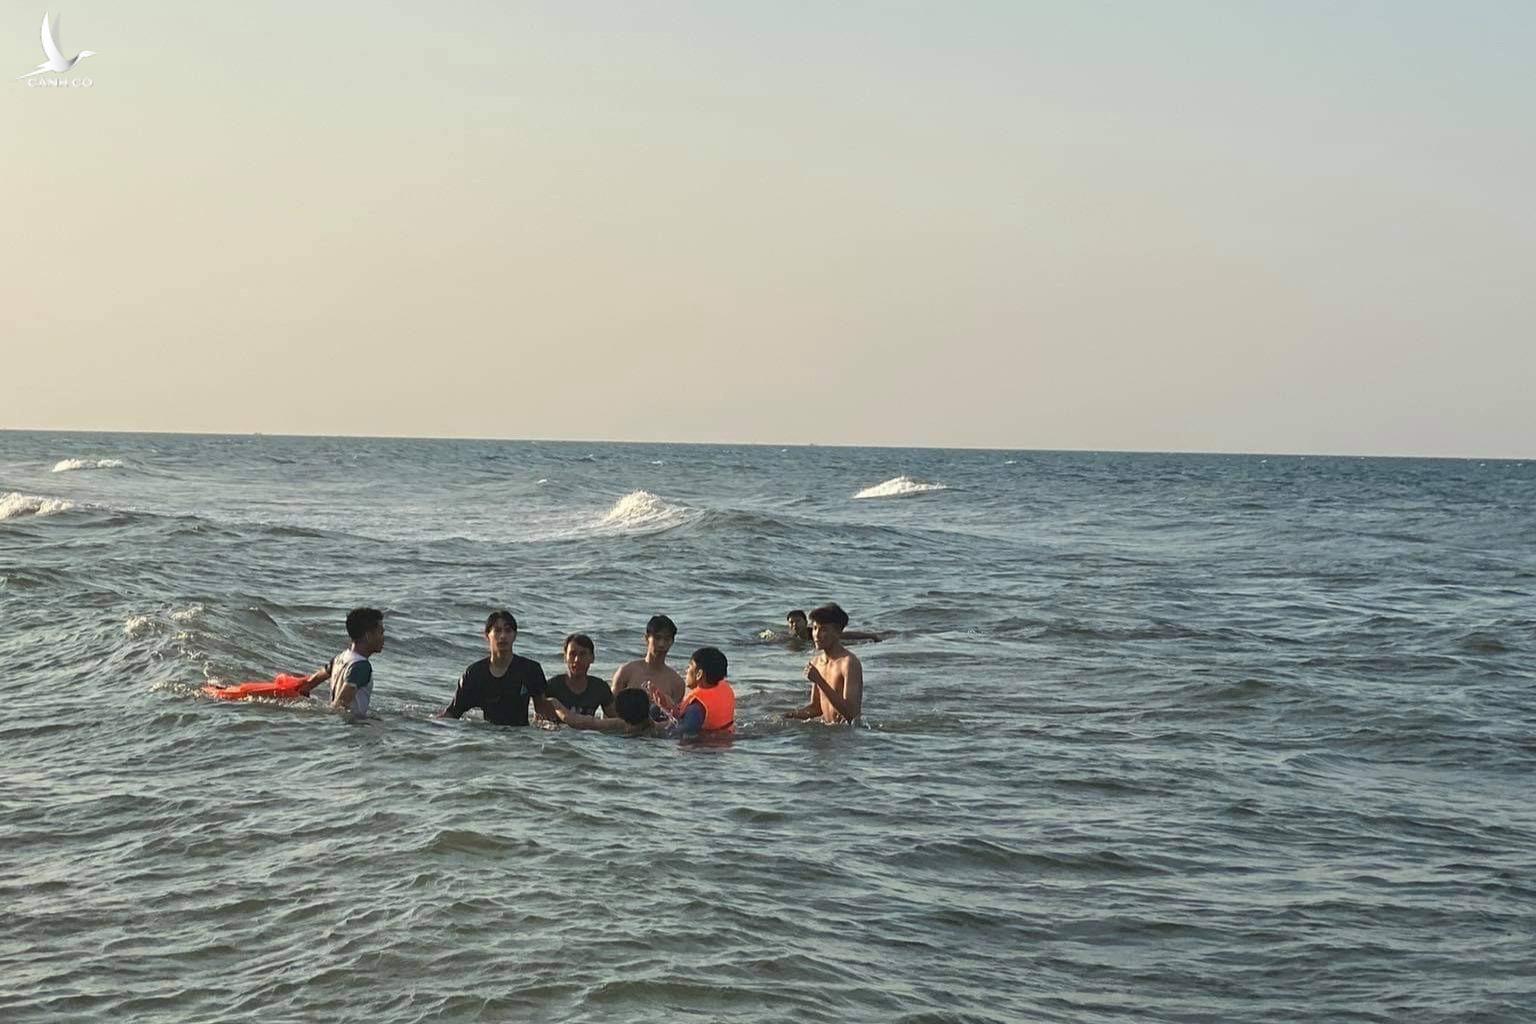 Anh Thắng với sự giúp đỡ của người dân kịp thời cứu sống em nhỏ bị đuối nước trên biển.